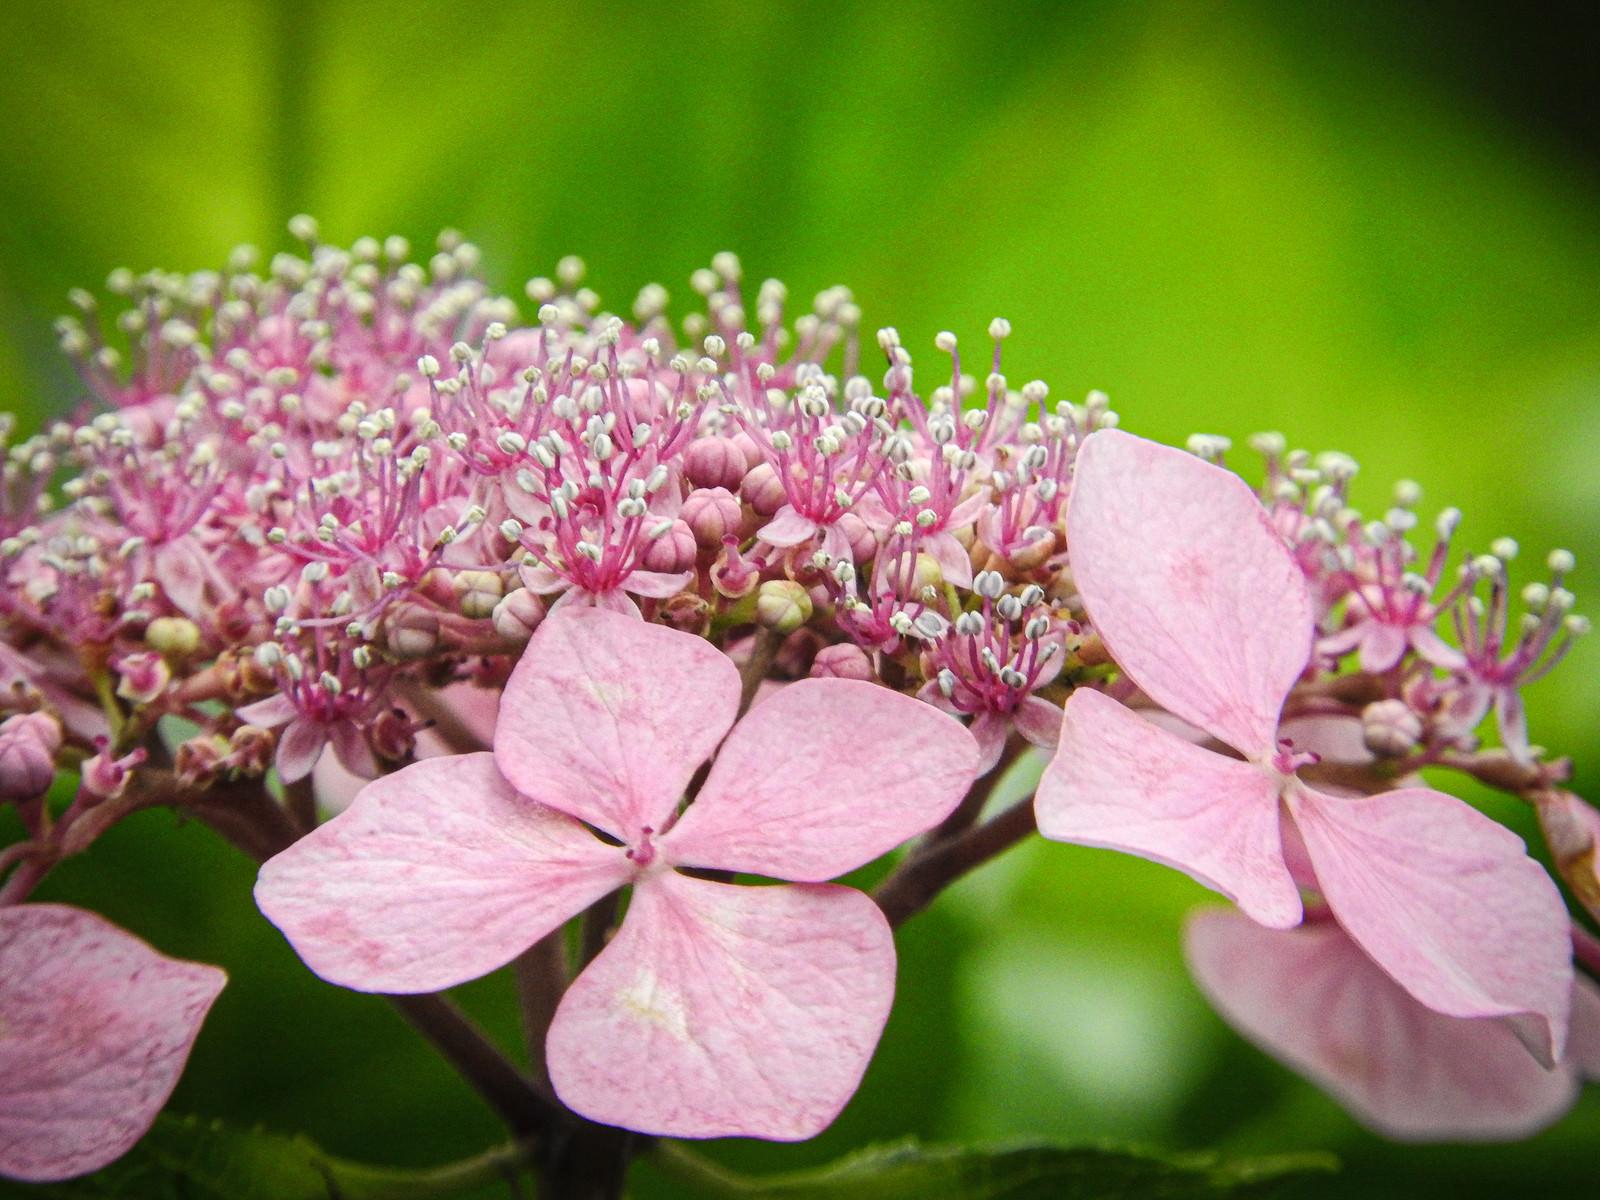 ピンクのガクアジサイの花の写真(画像)を無料ダウンロード - フリー ...